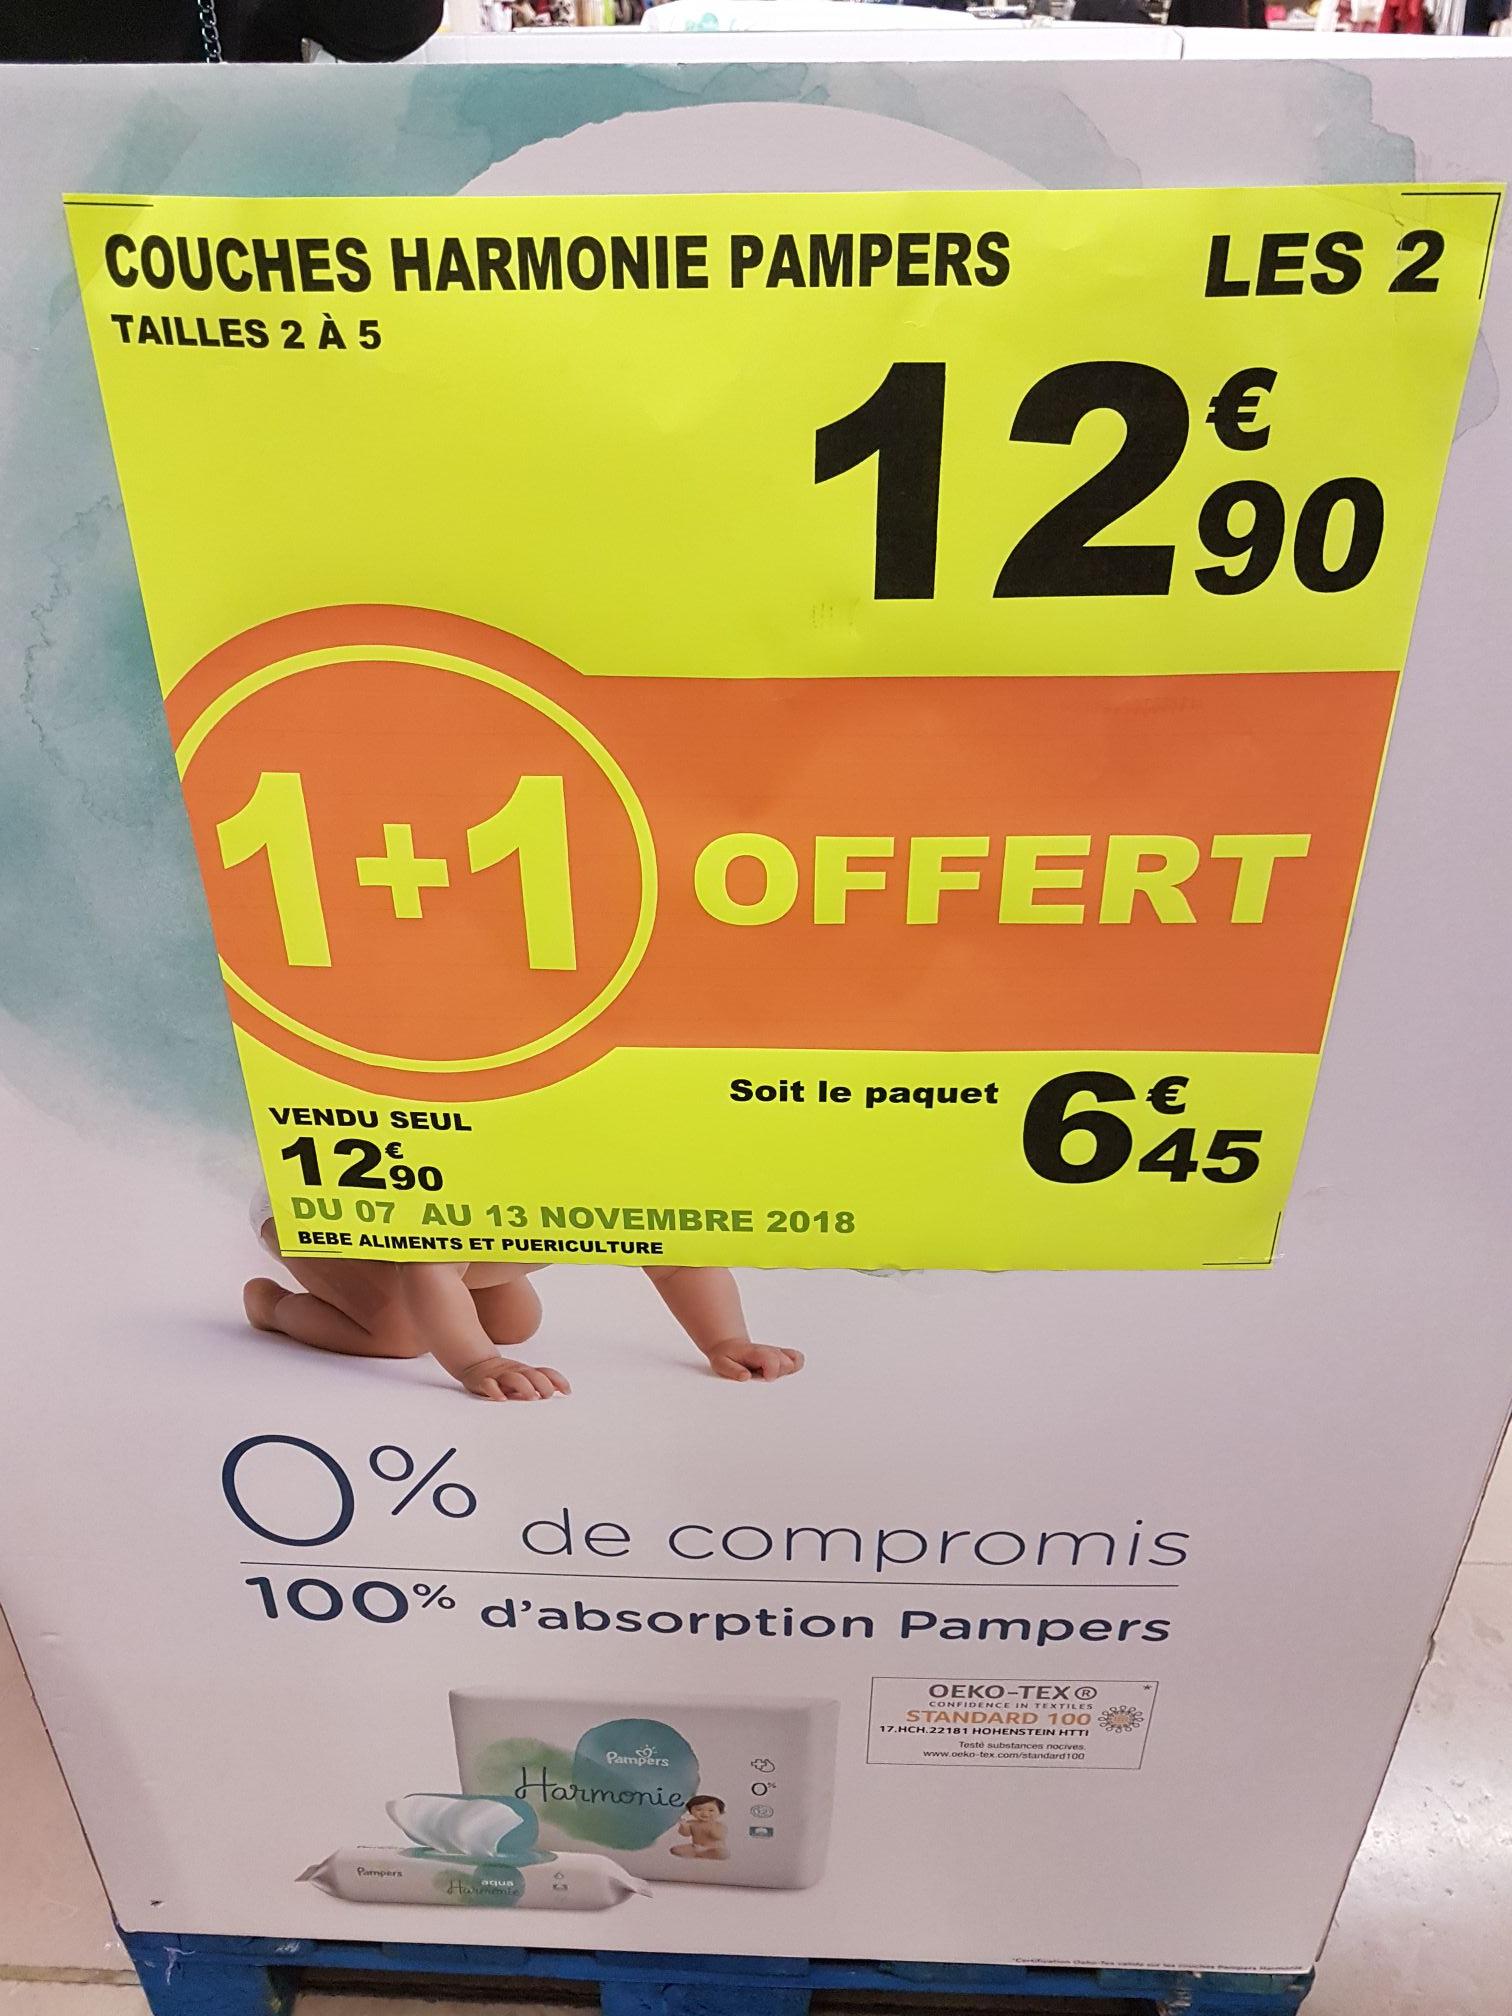 Lot de 2 paquets de Couches Pampers Harmonie (Tailles 2 à 5) à Auchan Cergy 3 Fontaines